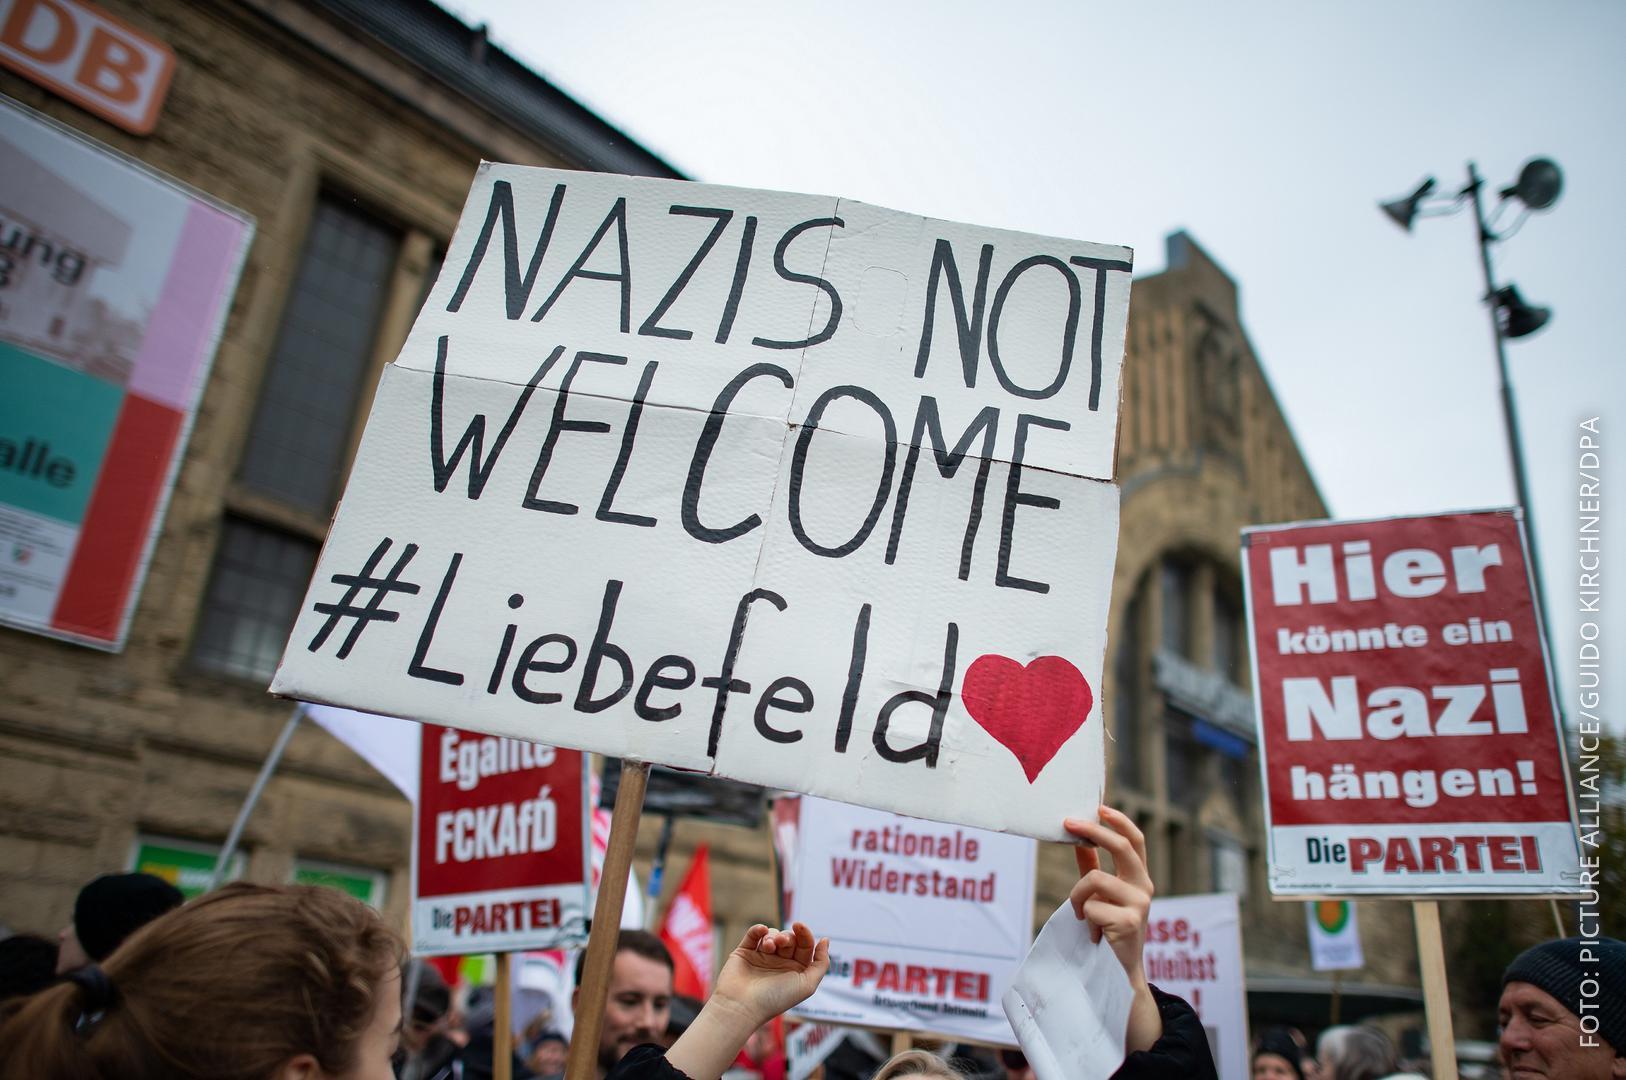 Menschen halten ein Schild mit Spruch gegen Nazis hoch